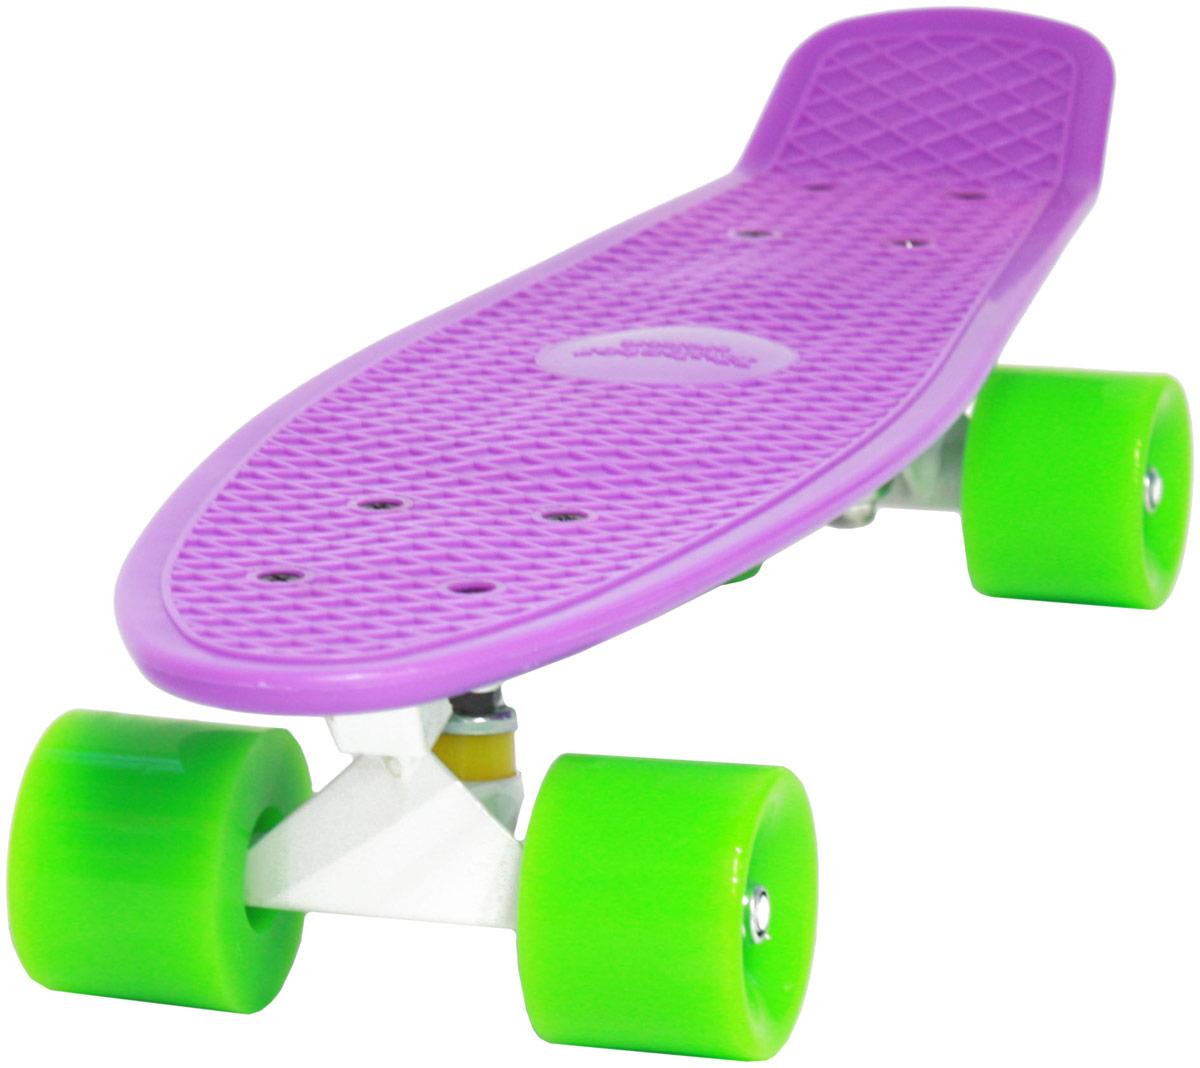 """Пенни борд Hubster """"Cruiser"""", цвет: фиолетовый, зеленый, дека 22"""""""